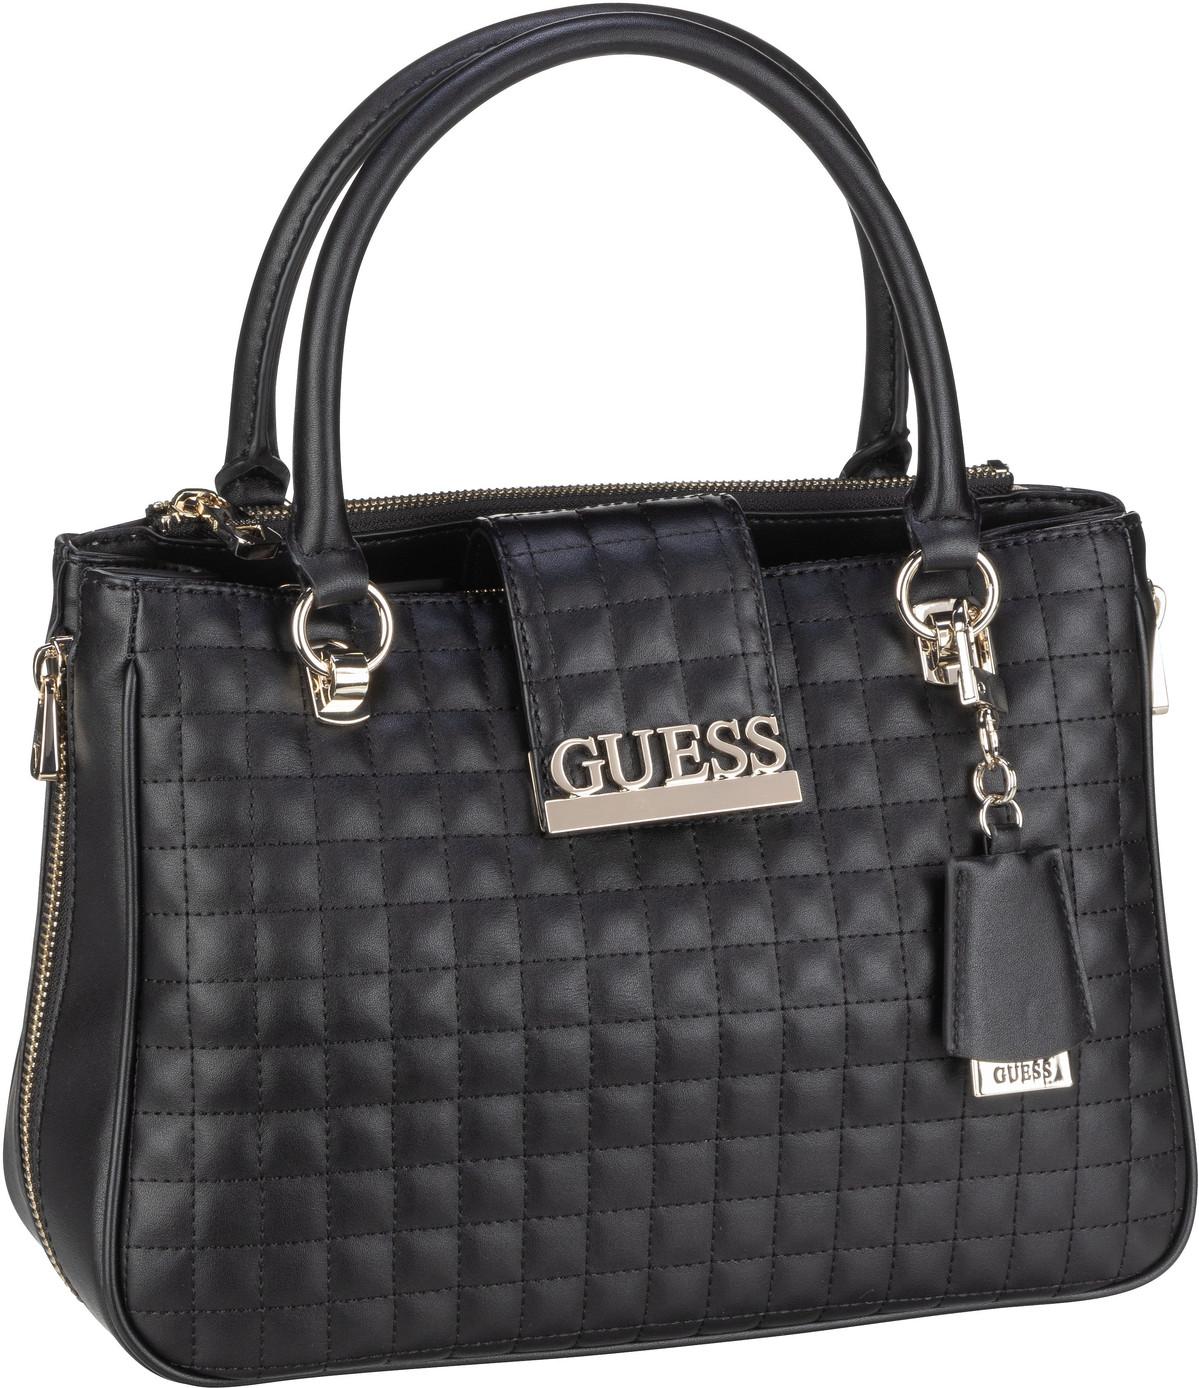 Handtasche Matrix Luxury Satchel Black